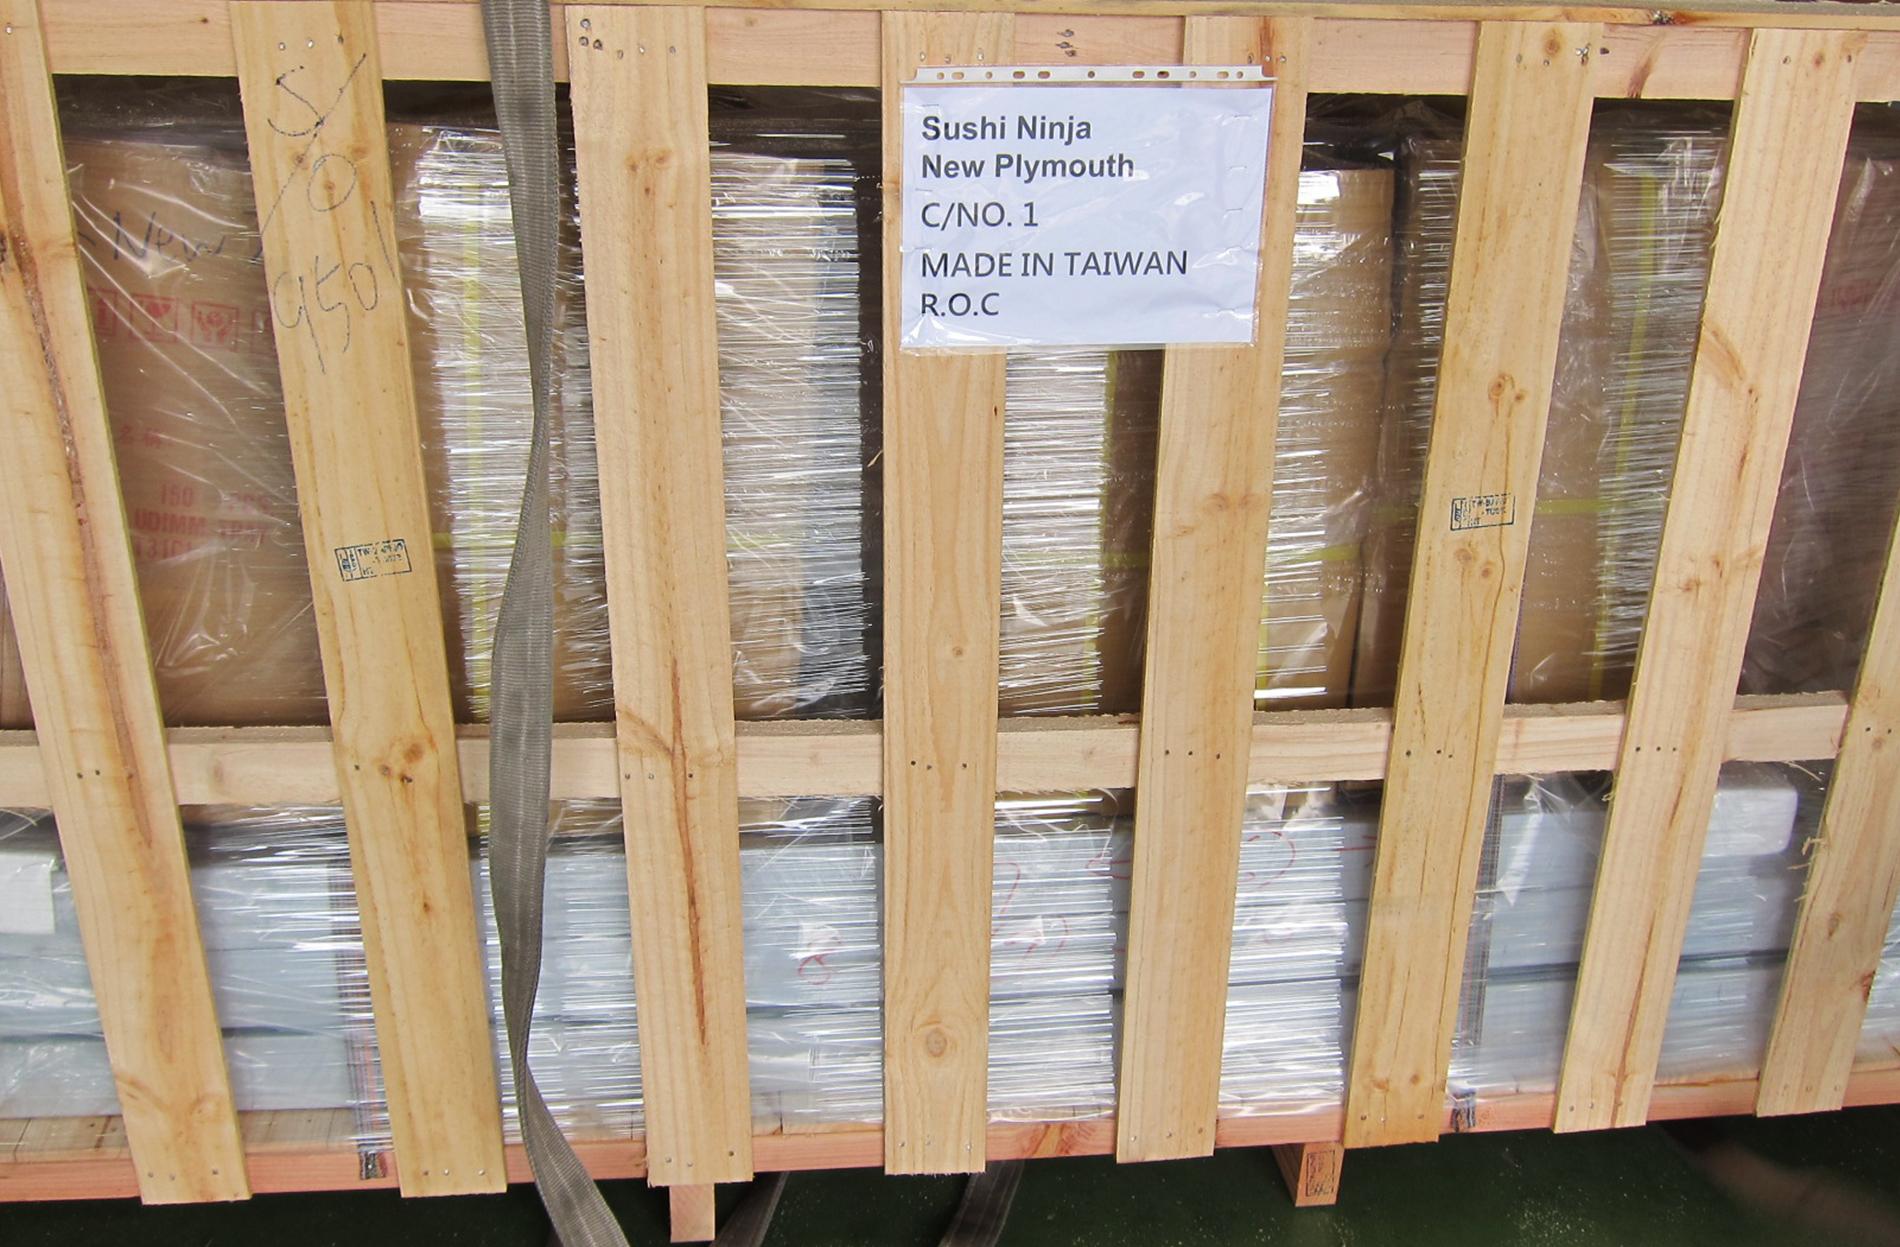 New Zealand-Sushi Ninja Shipment process